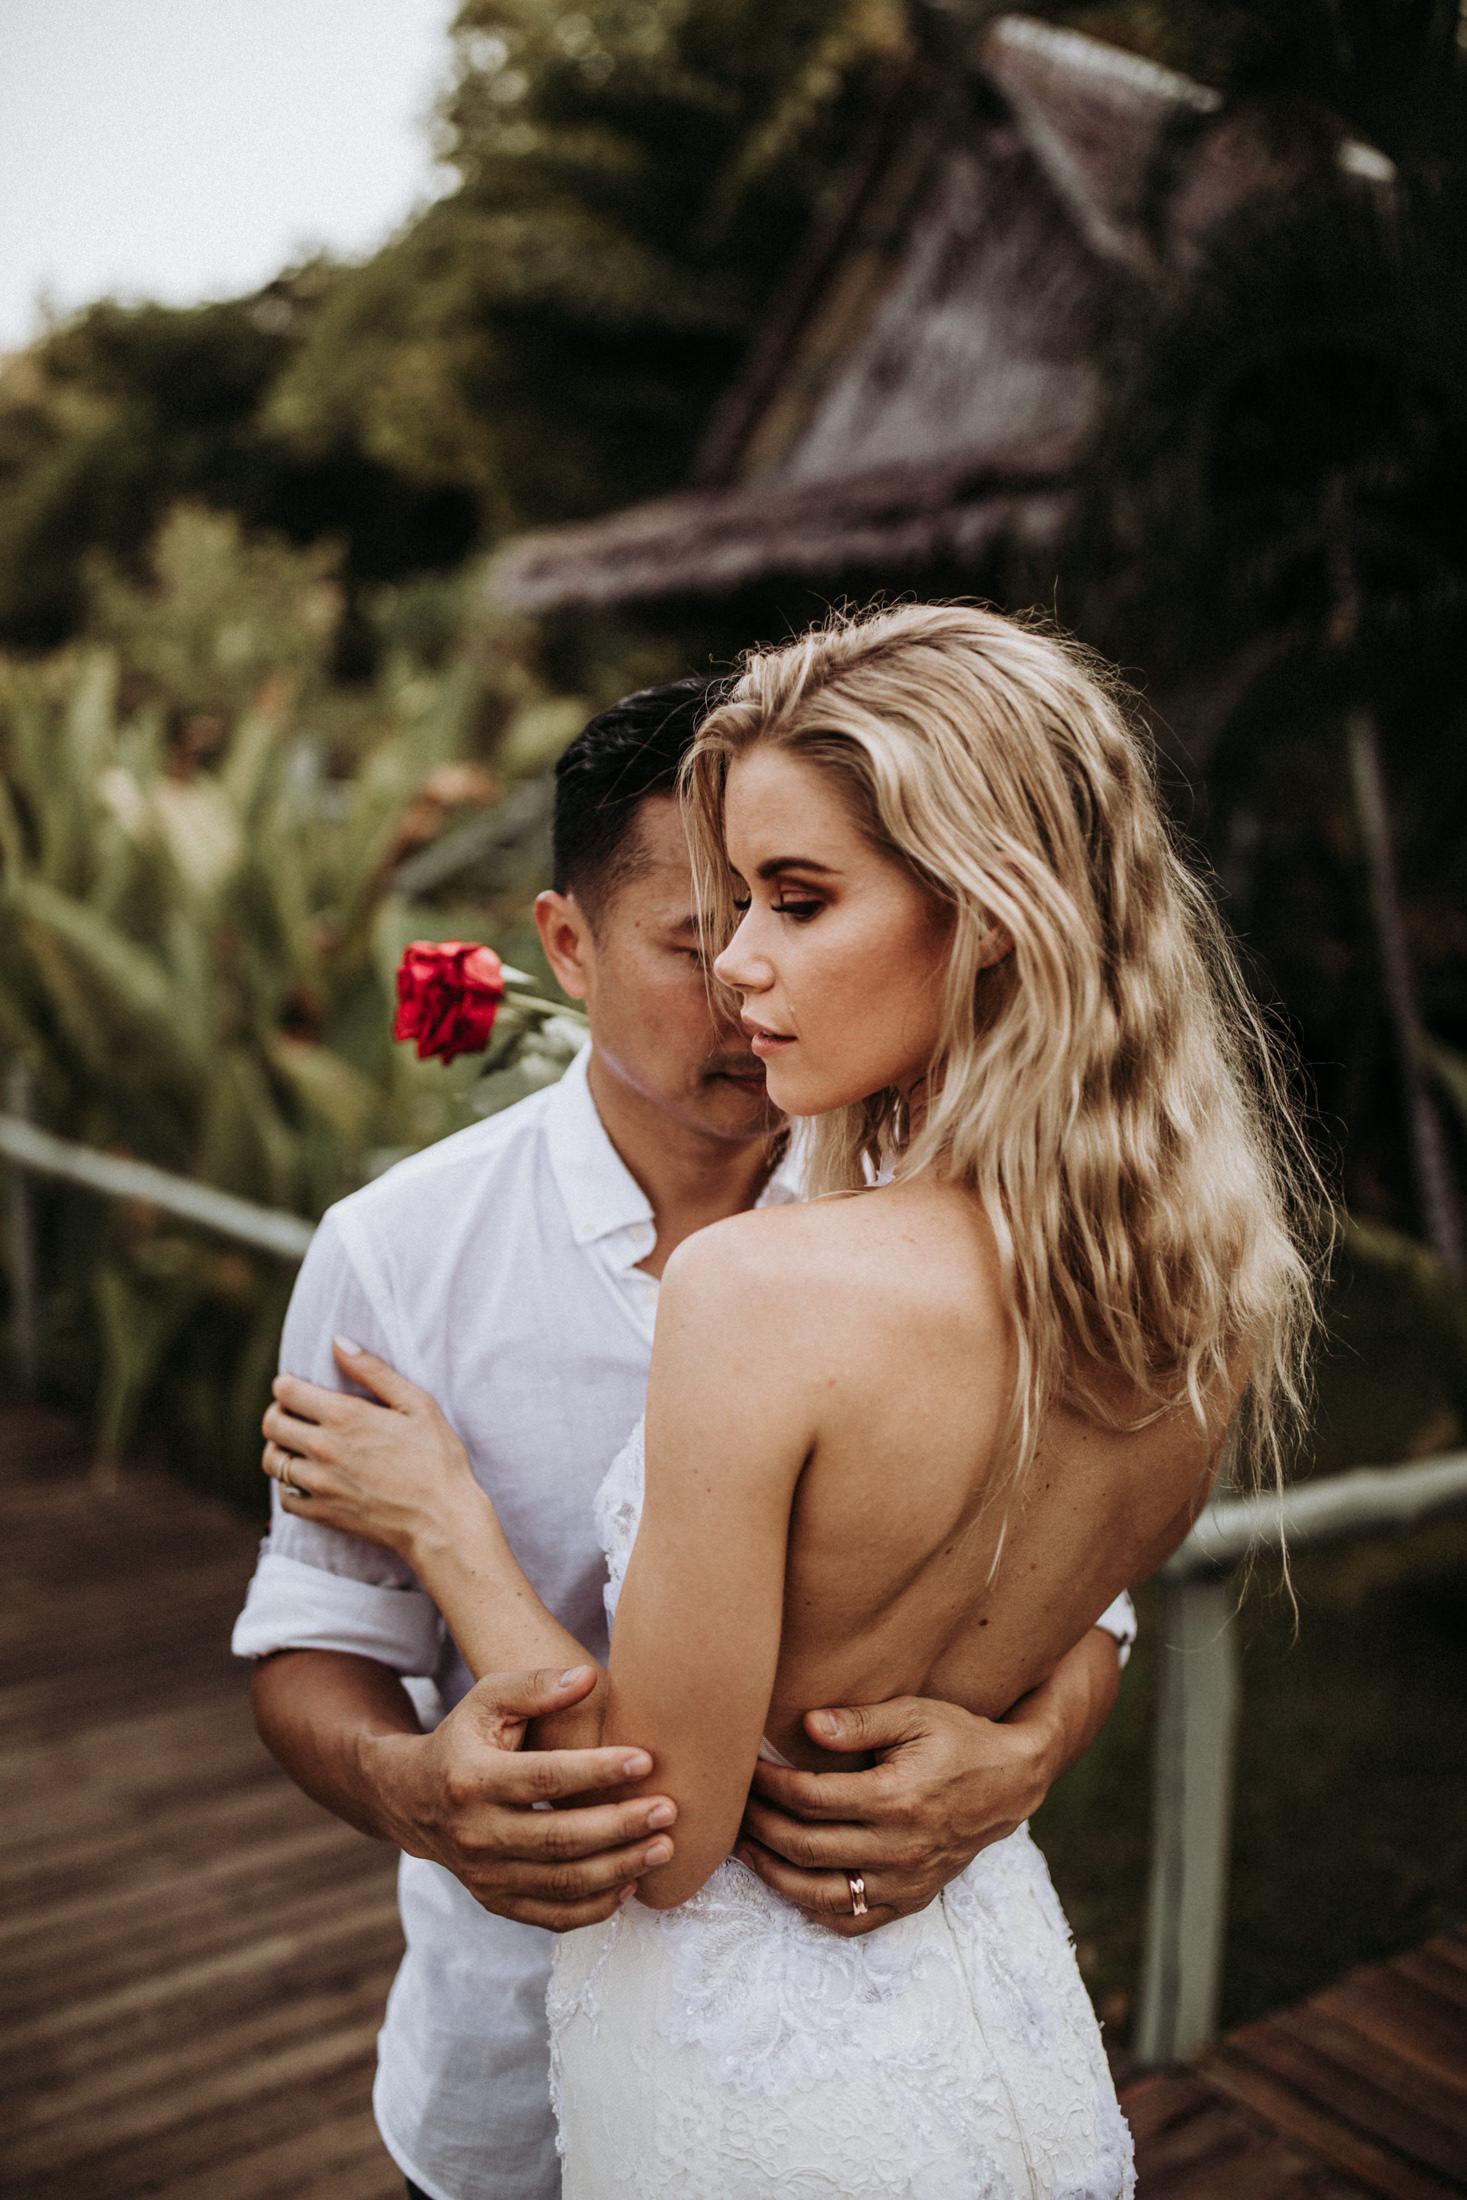 DanielaMarquardt_Wedding_Thailand_504